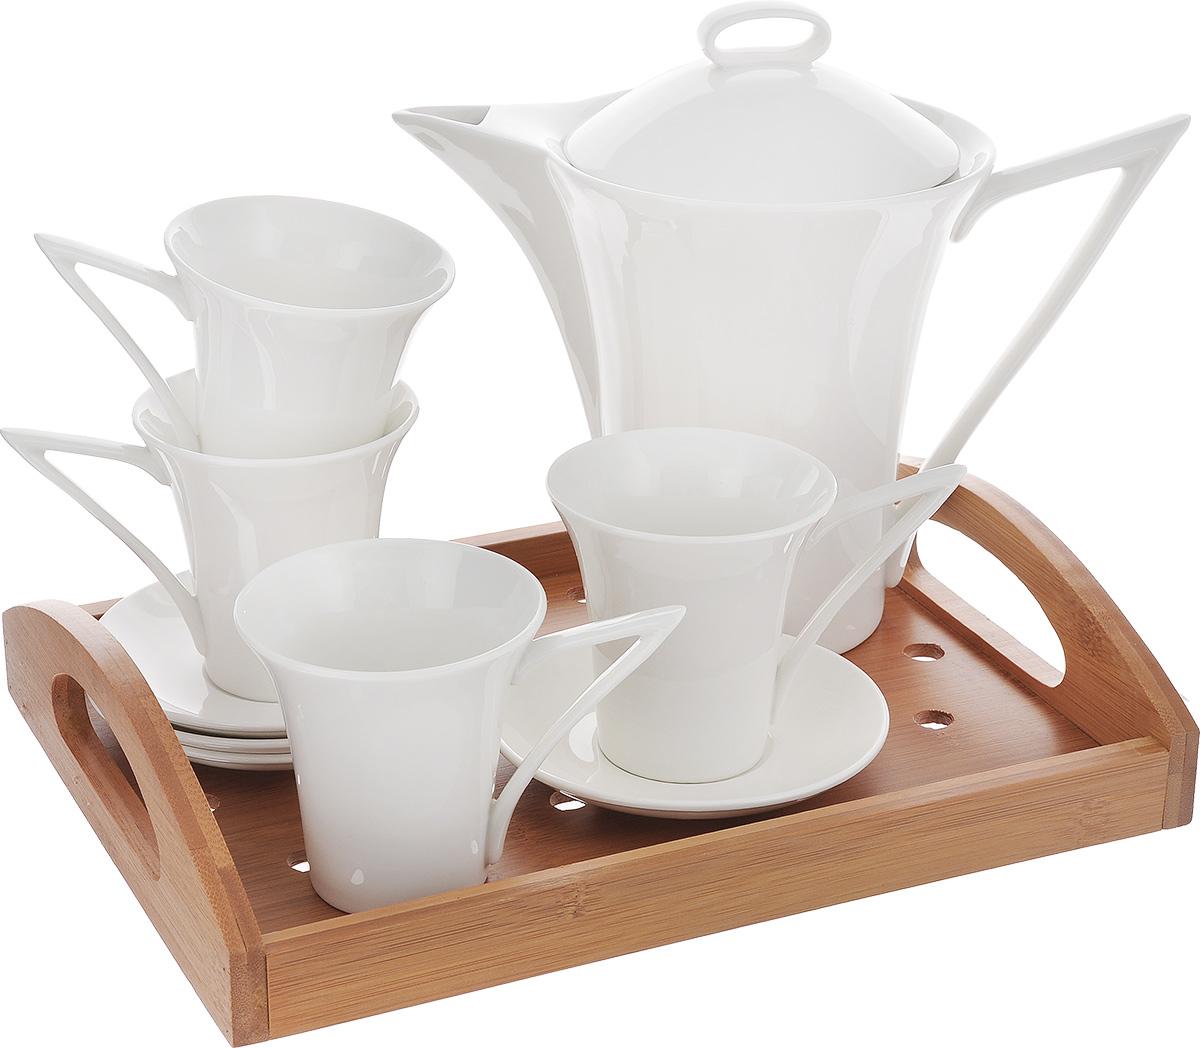 Набор чайный Augustin Welz, с подносом, 10 предметовAW-2254Набор для чая и кофе Augustin Welz состоит из заварочного чайника, 4 кружек и 4 блюдец. Заварочный чайник изготовлен из высококачественного фарфора, удобен в использовании для приготовления не только чая, но и кофе. Он быстро заваривает напиток, сохраняя его тонкий насыщенный аромат. Поднос из бамбука прямоугольной формы с легкостью уместит все предметы и поможет без труда перенести напитки. Функциональный и изящный набор стильного дизайна прекрасно украсит стол к чаепитию. Посуду можно использовать в микроволновой печи. Не рекомендуется мыть в посудомоечной машине. Размер подноса: 30 см х 22,5 см х 6,3 см. Диаметр блюдца: 12 см. Высота стенки блюдца: 1,7 см. Диаметр чашки (по верхнему краю): 8 см. Высота стенки чашки: 8,5 см. Объем чашки: 135 мл. Диаметр чайника (по верхнему краю): 11 см. Высота чайника (без учета крышки): 17,5 см. Объем чайника: 865 мл.